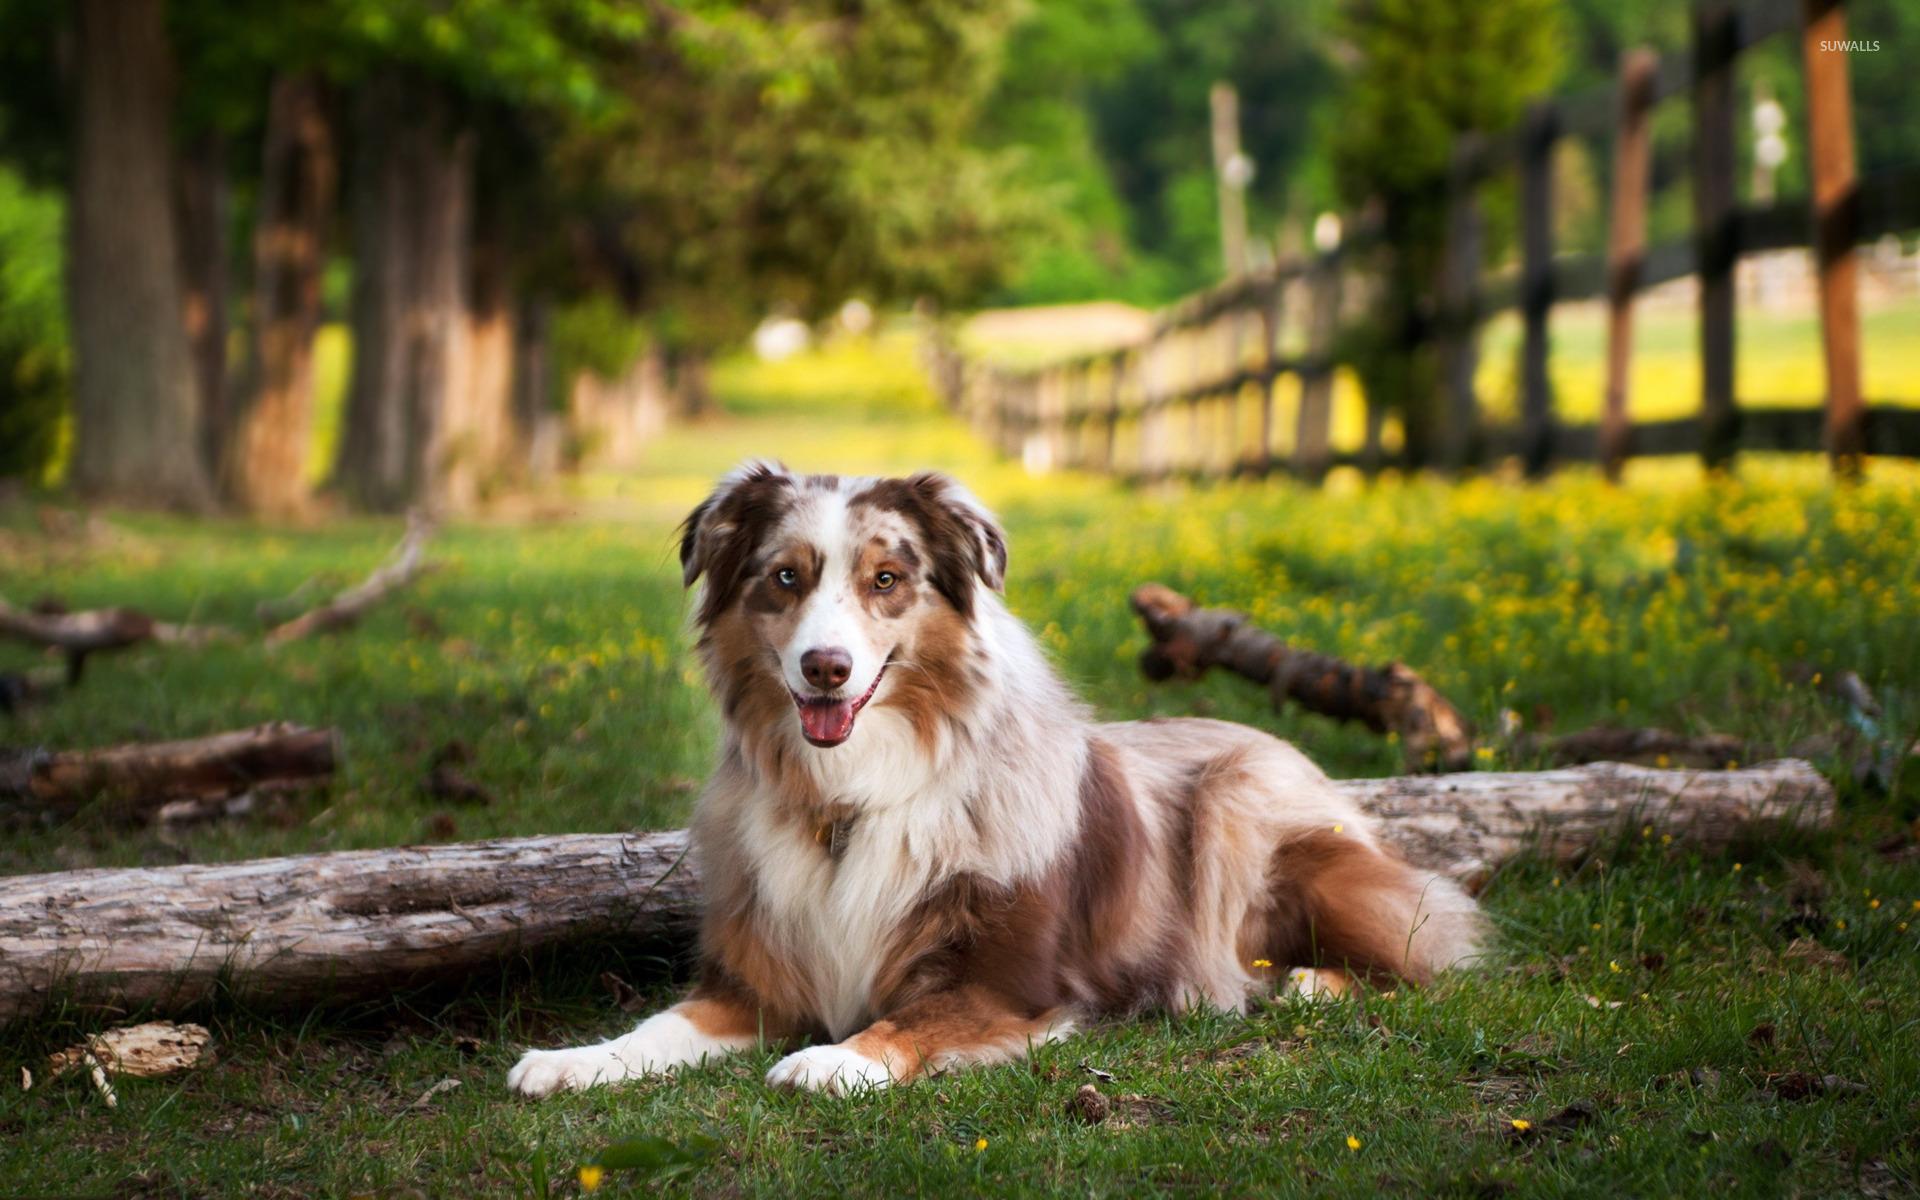 животные собака трава природа загрузить